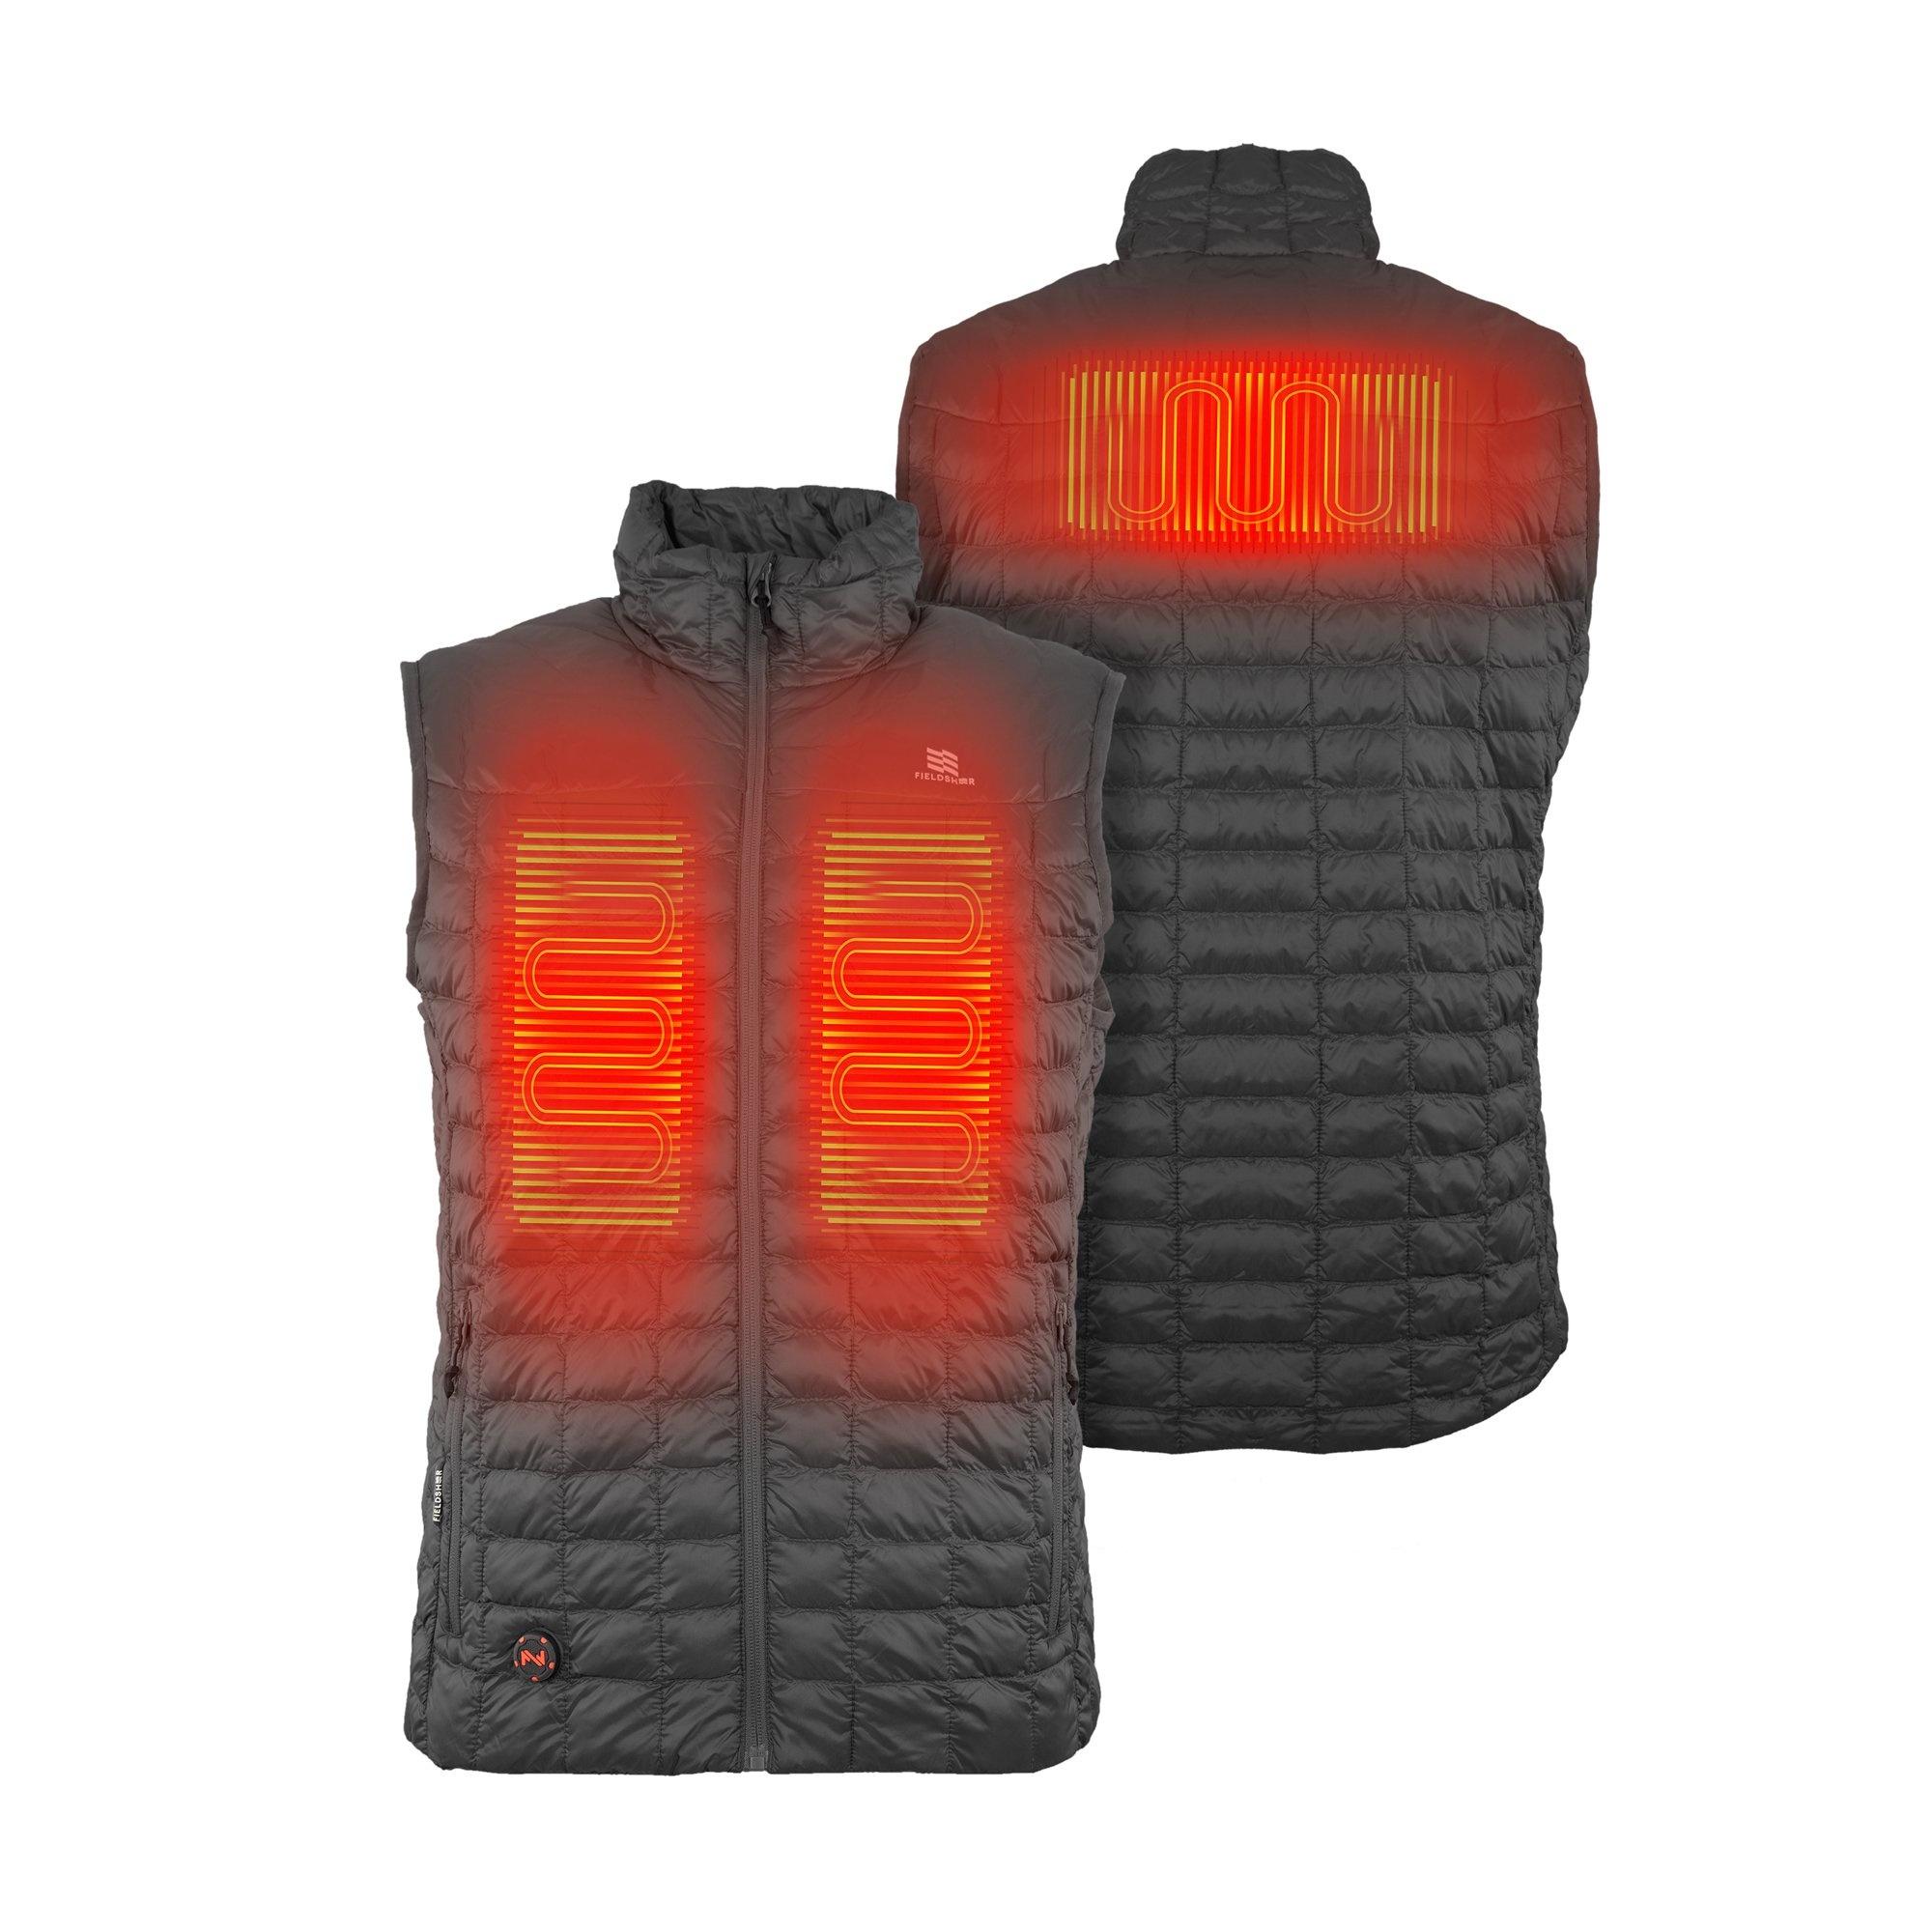 Fieldsheer Back Country Vest Men XL